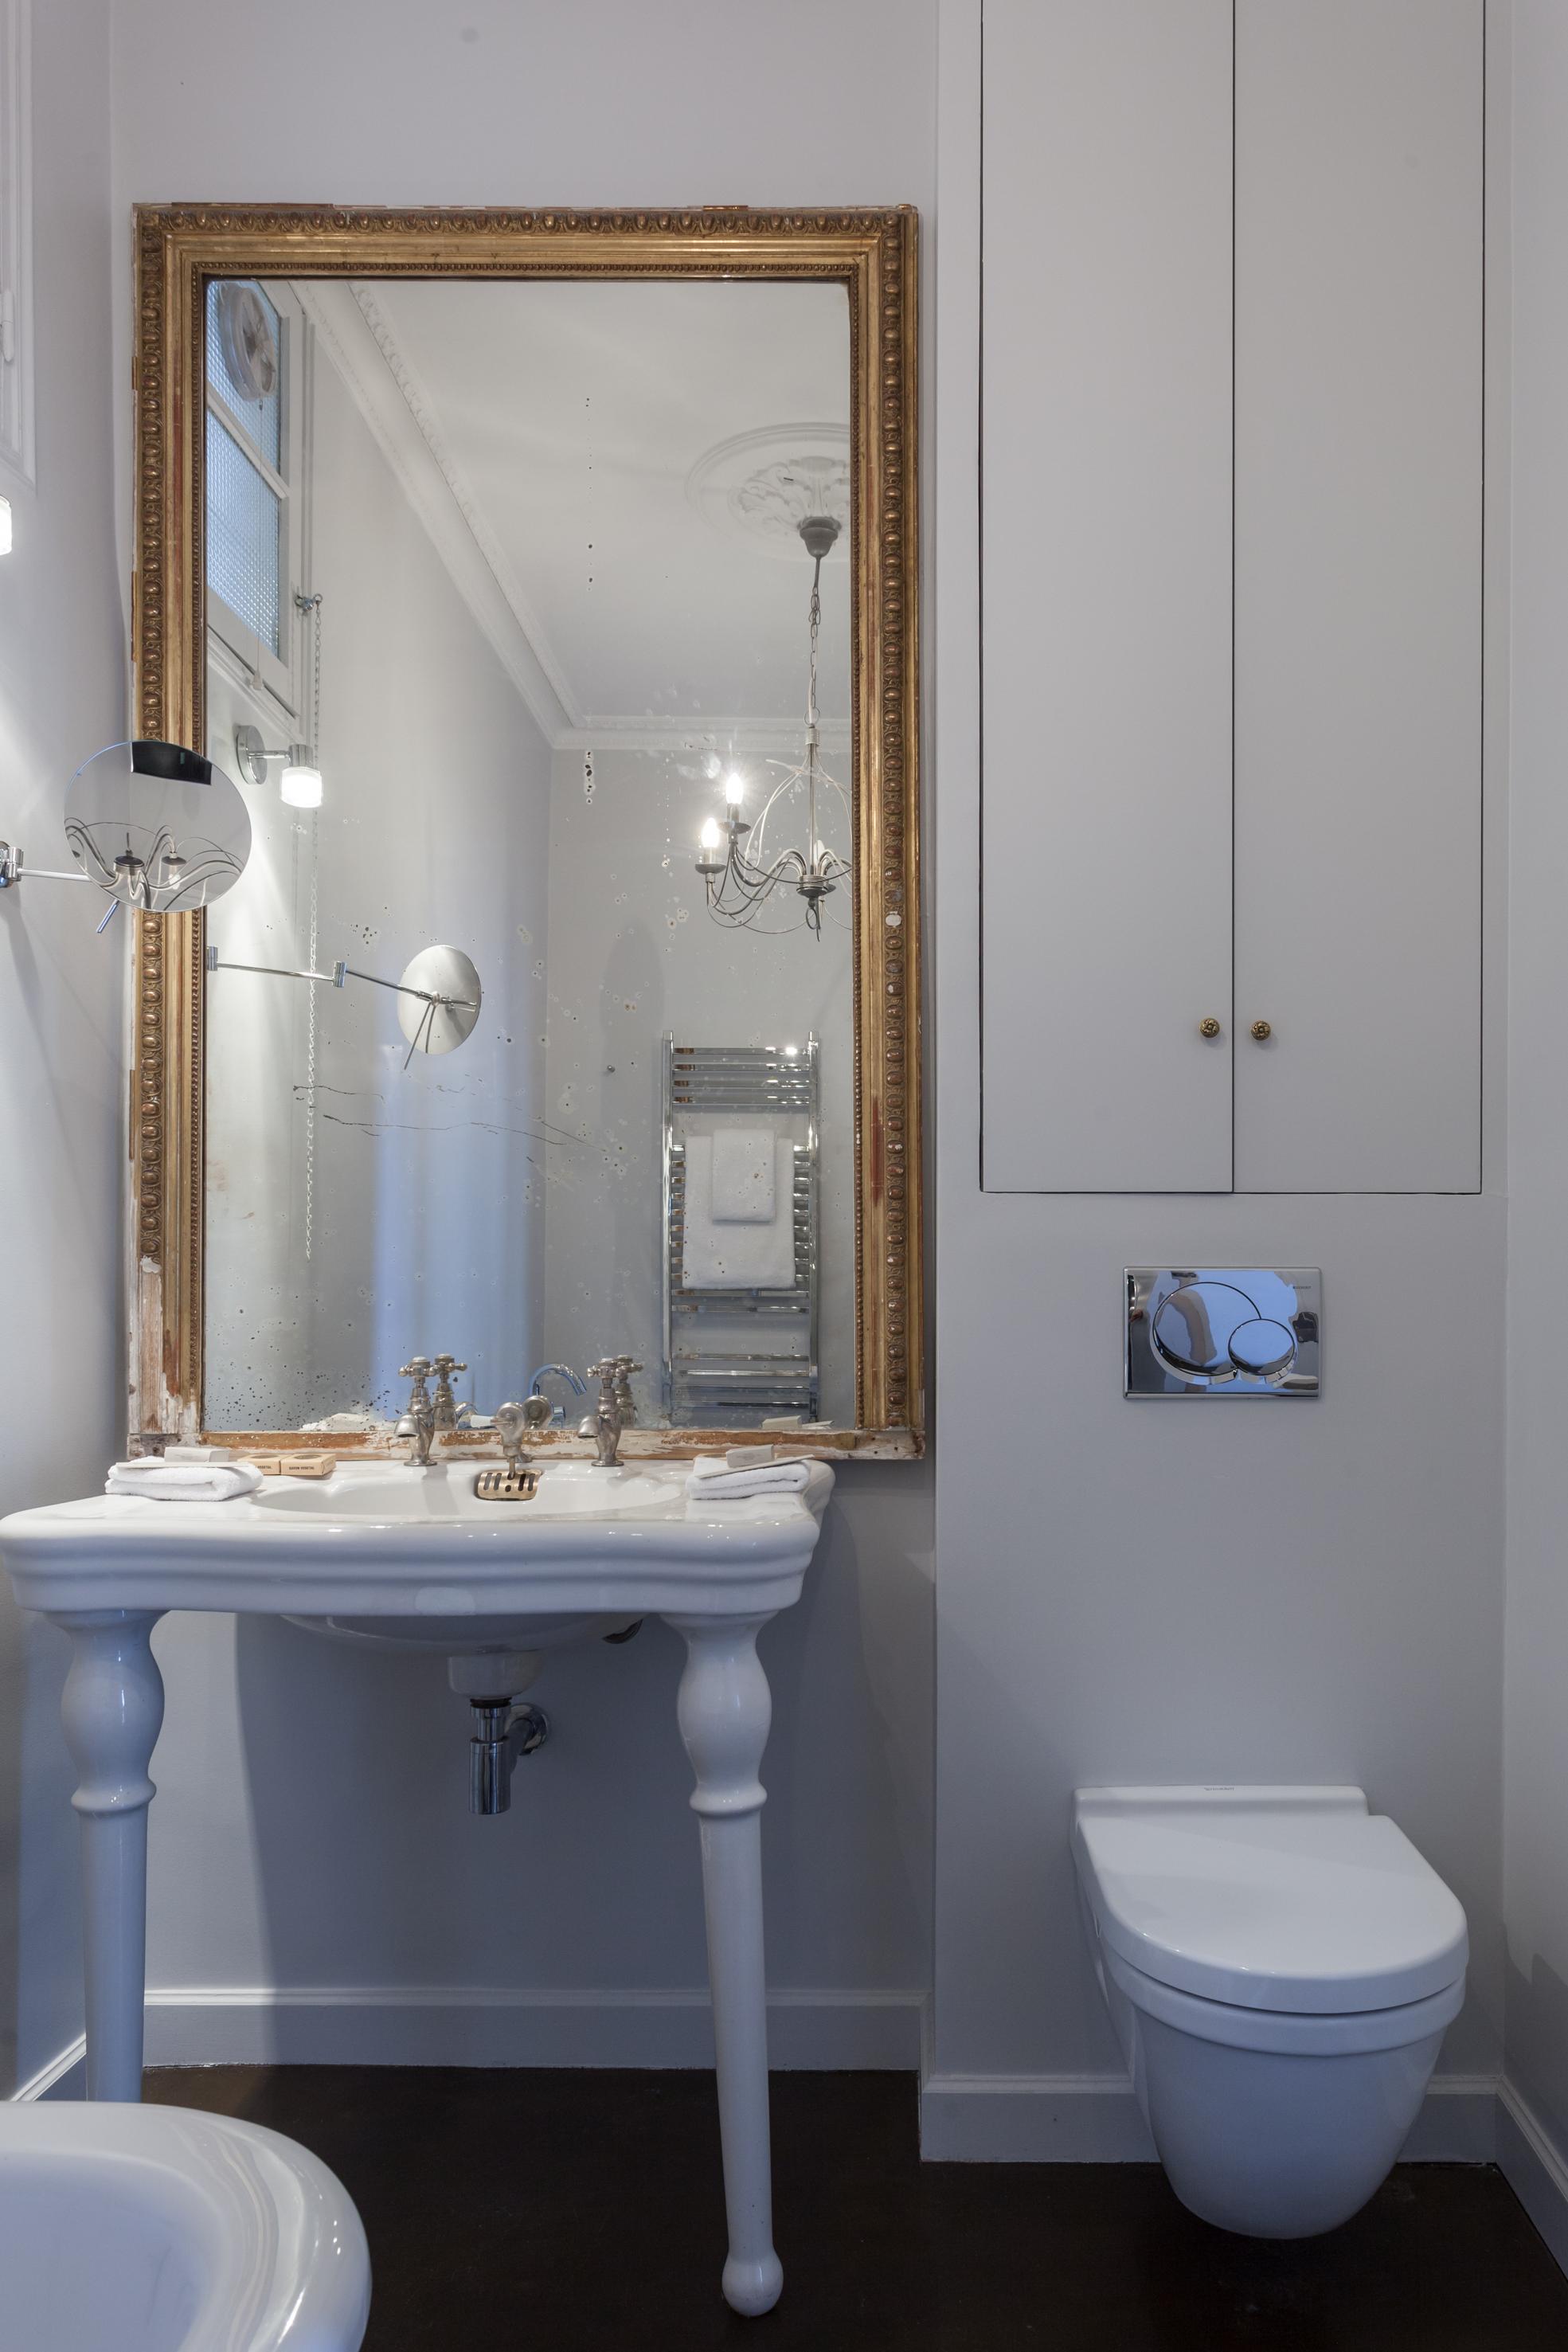 спальня санузел раковина консоль зеркало ревизионный шкафчик